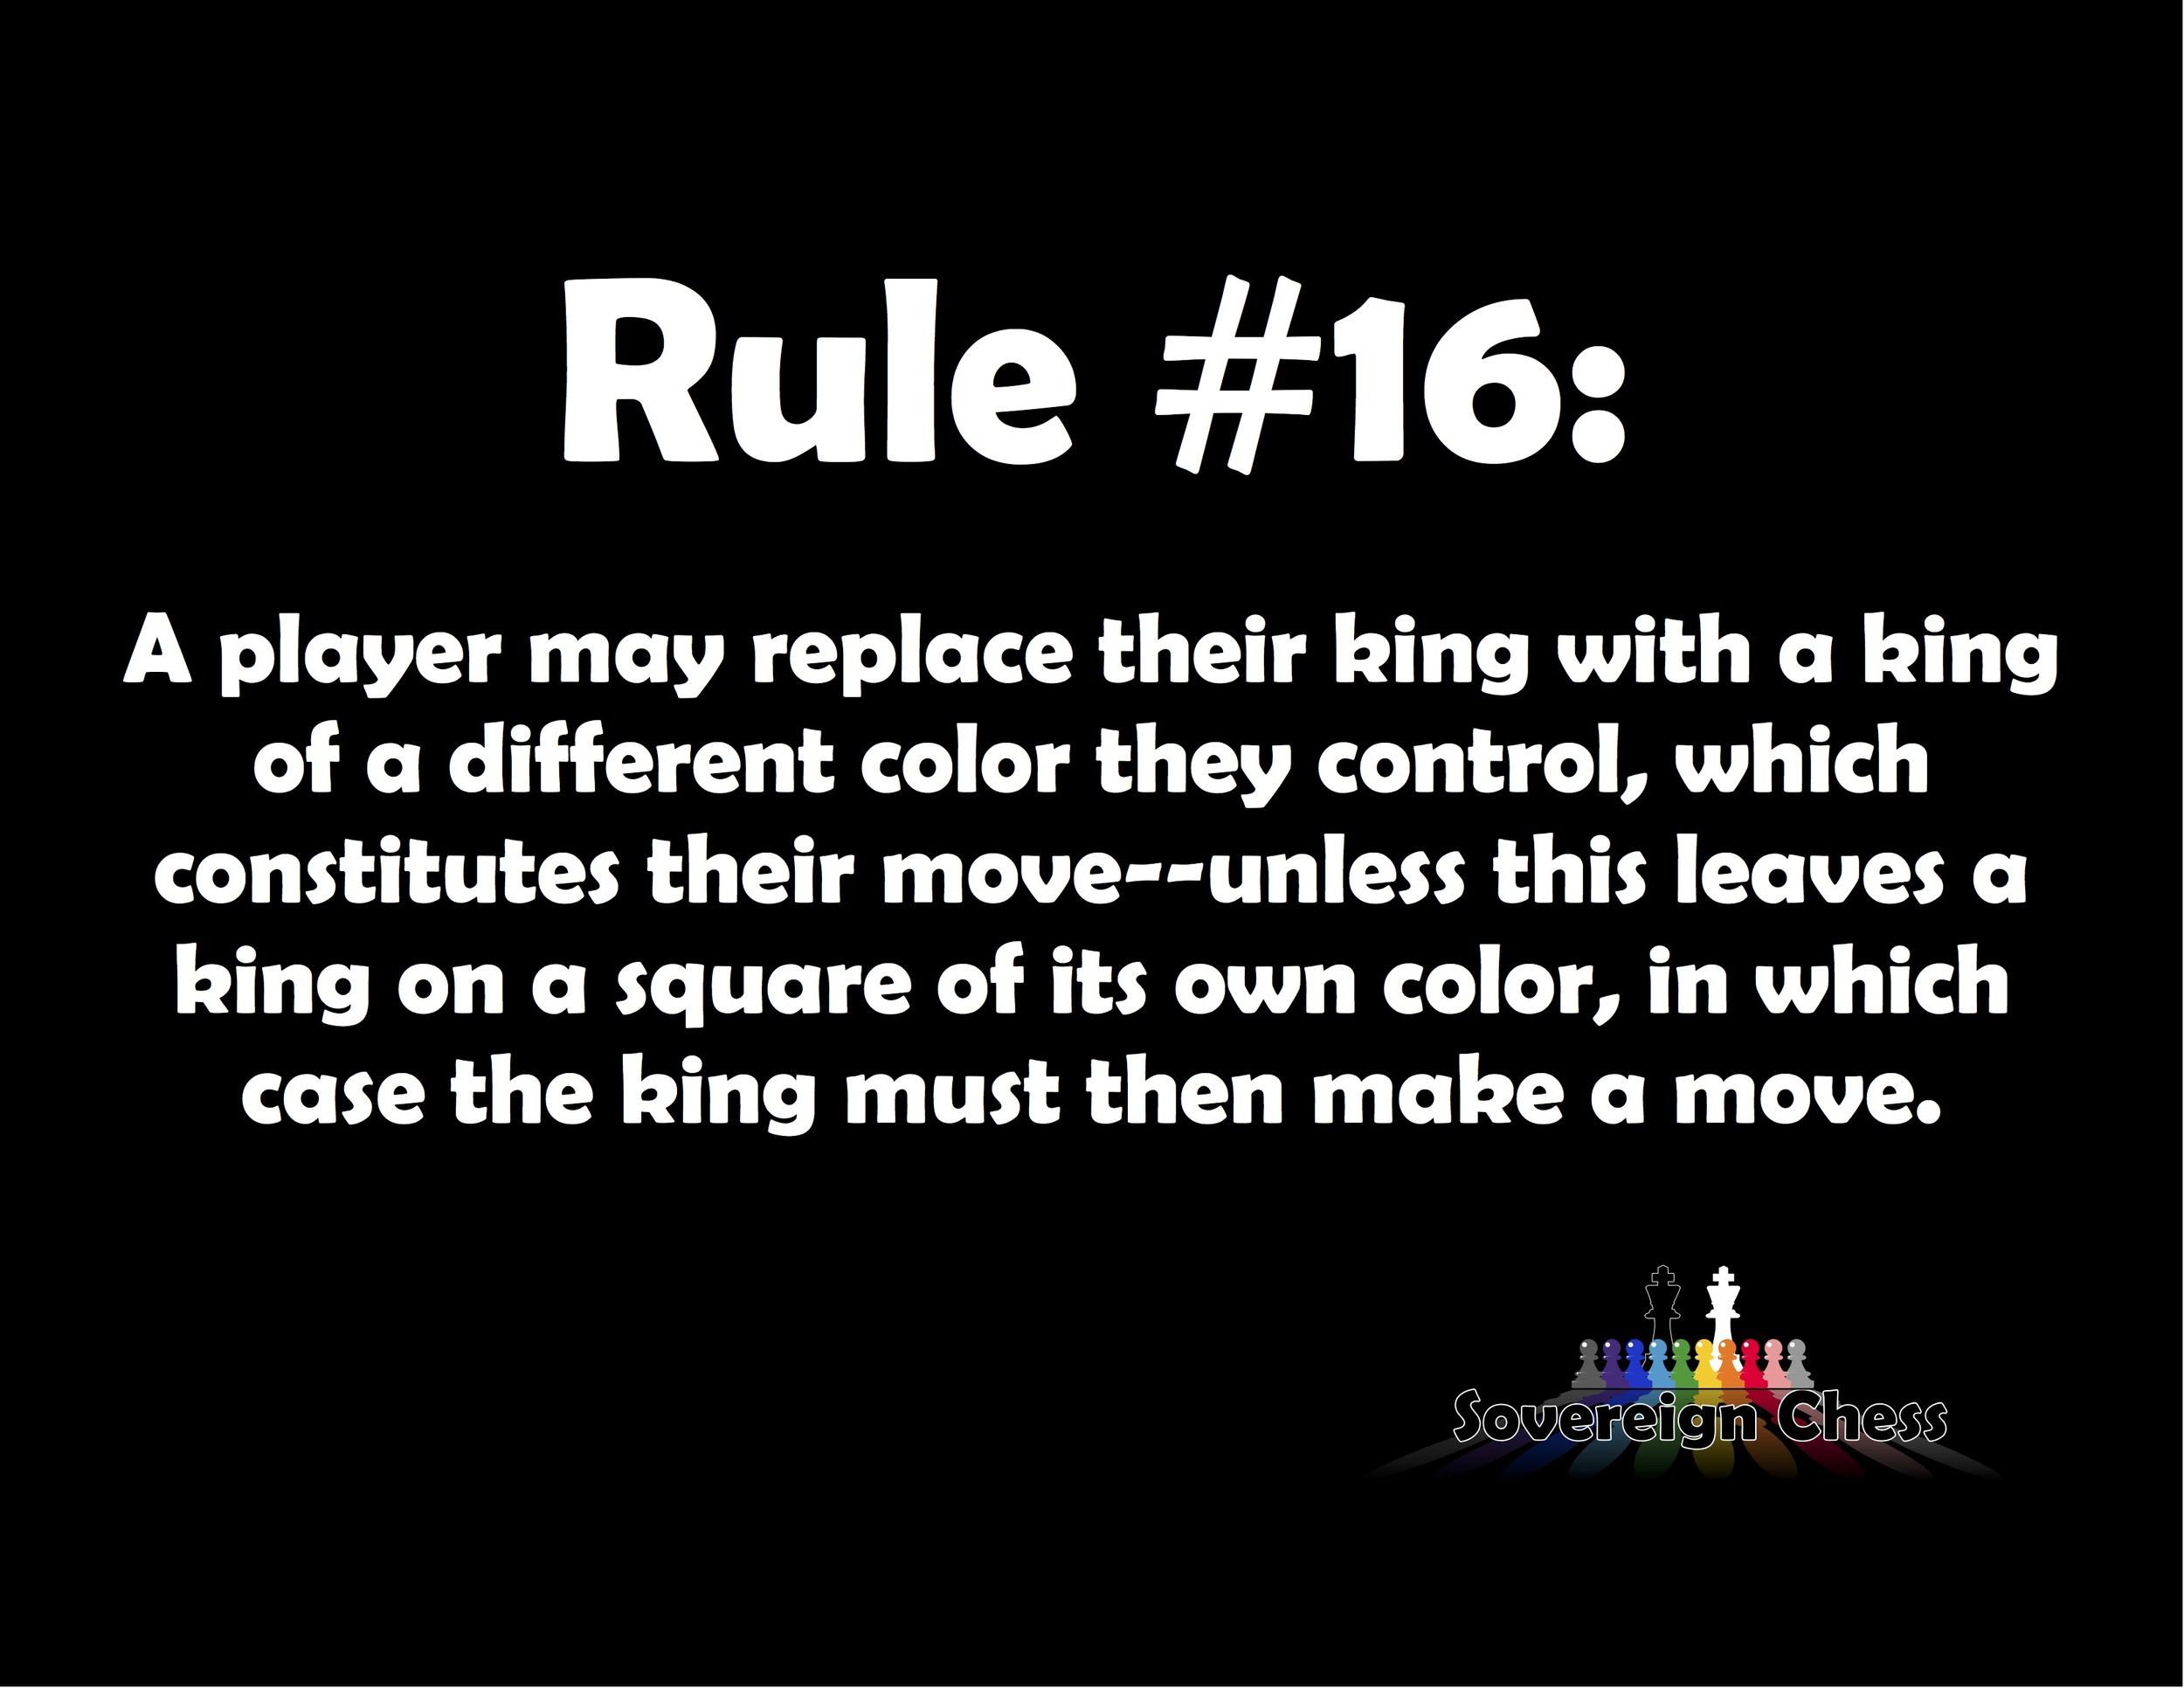 Rule #16.jpg